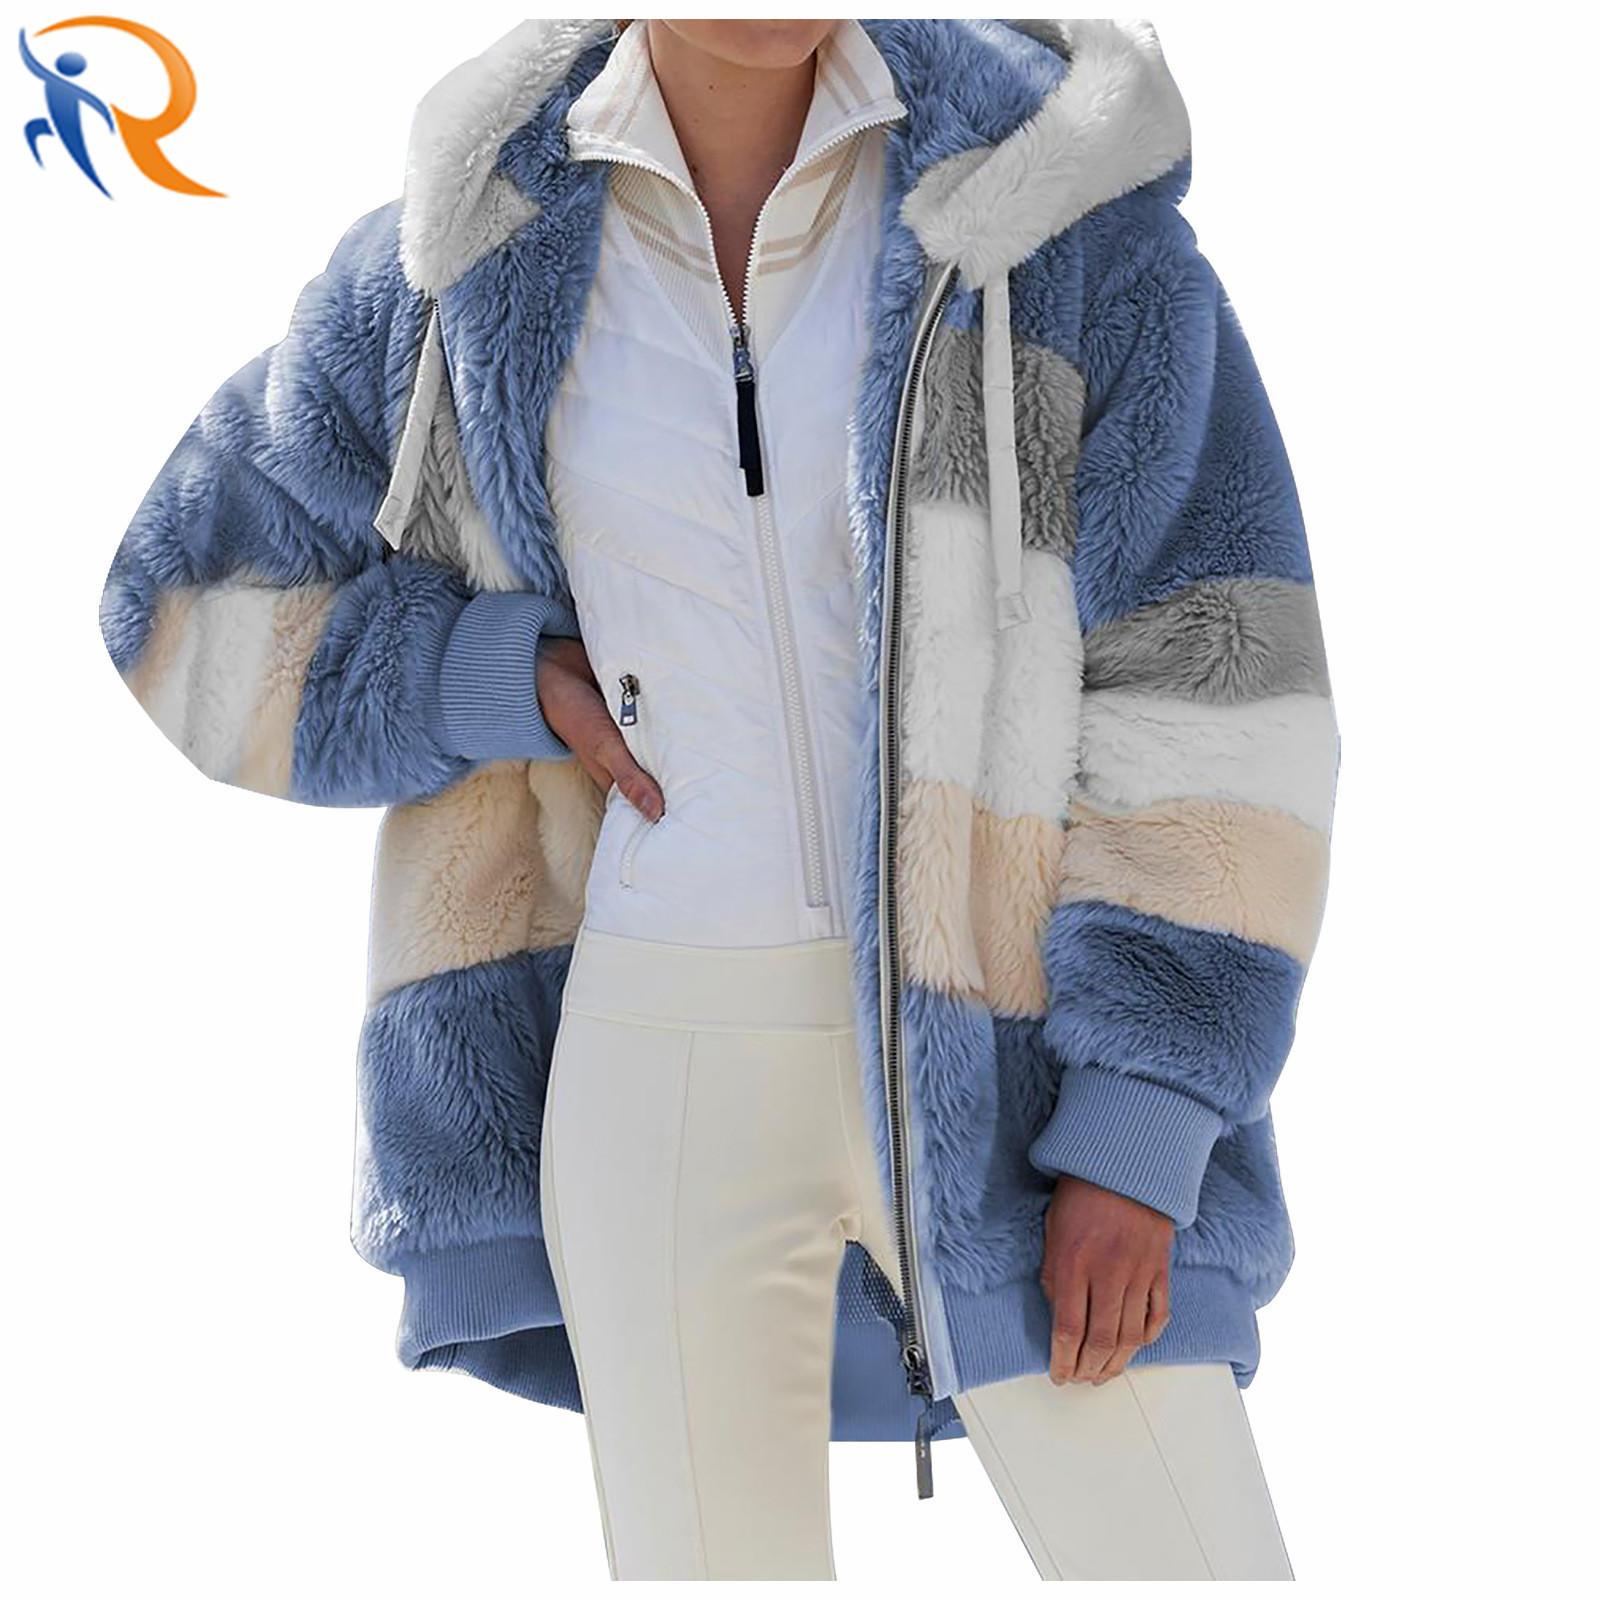 2021 Women Winter Zipper Long Sleeve Fleece Plush Jacket Hooded Woolen Coat